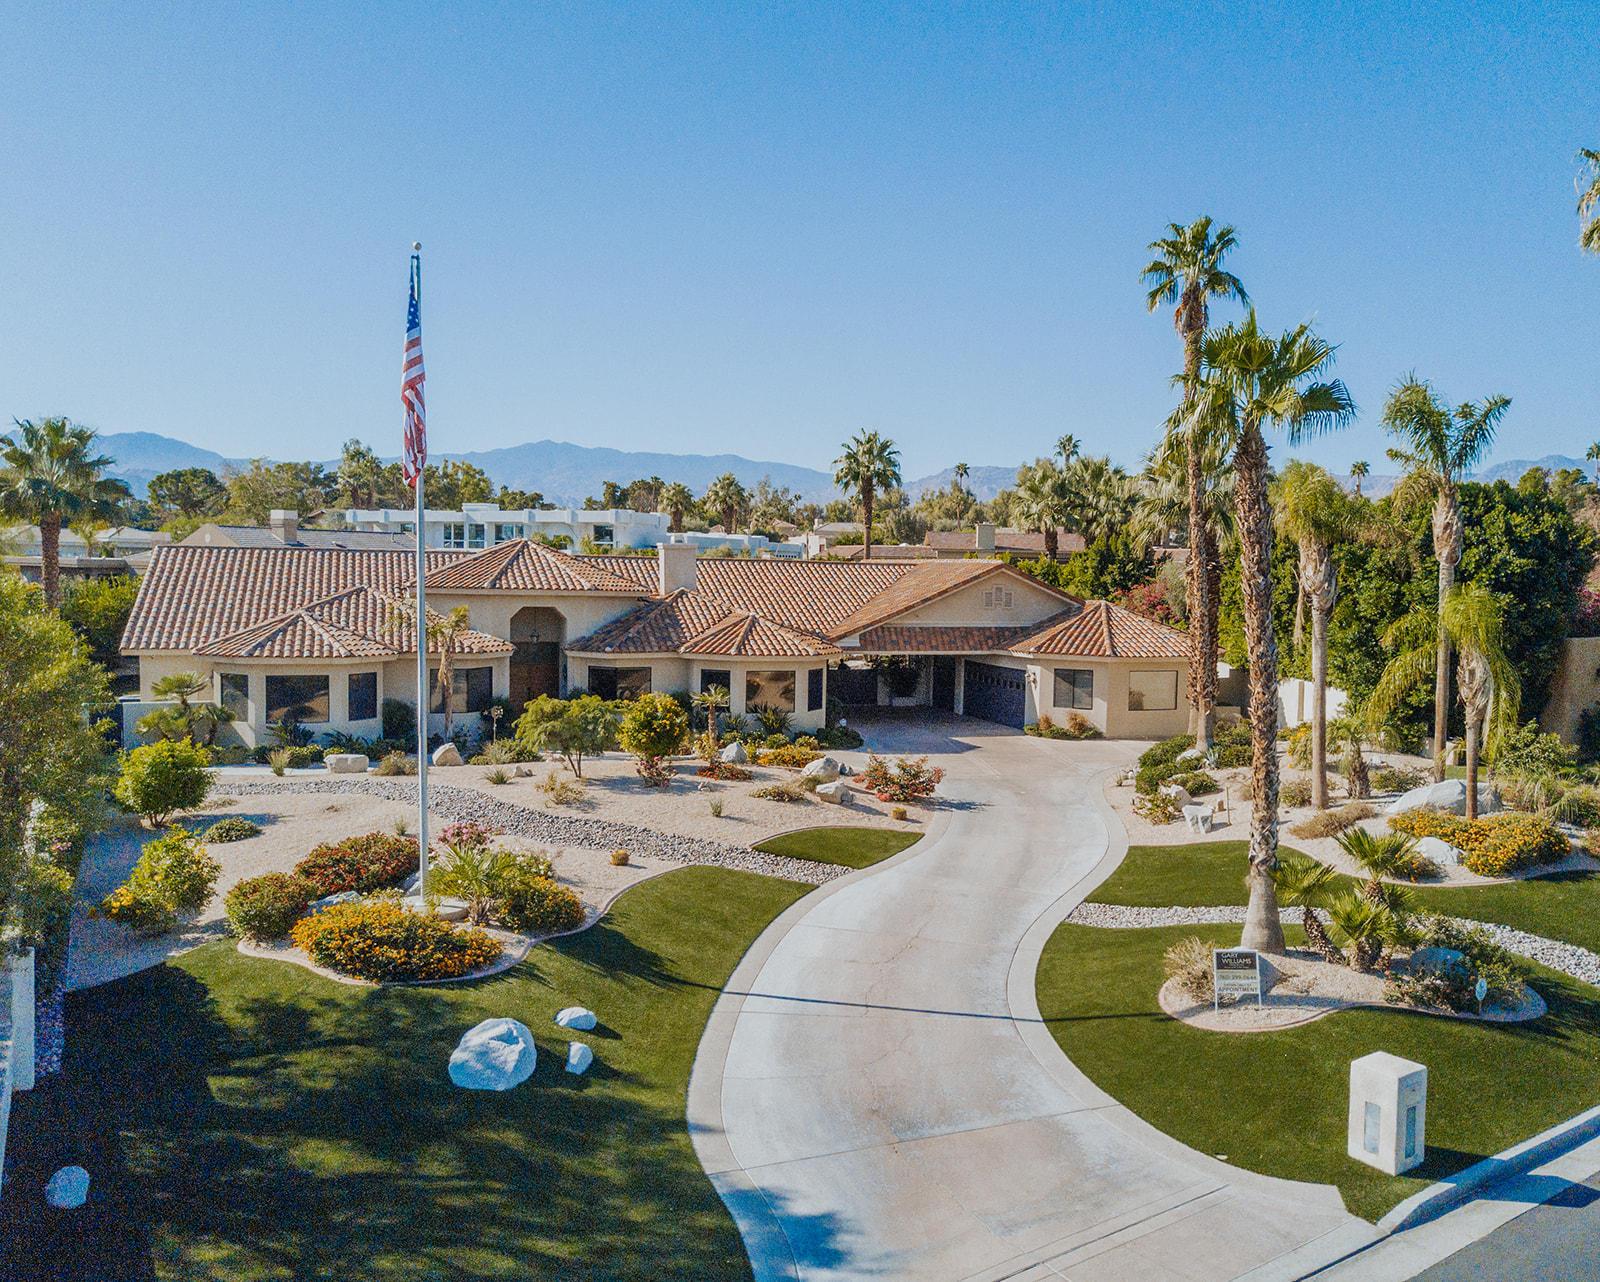 Photo of 38271 N Tandika Trail, Palm Desert, CA 92211